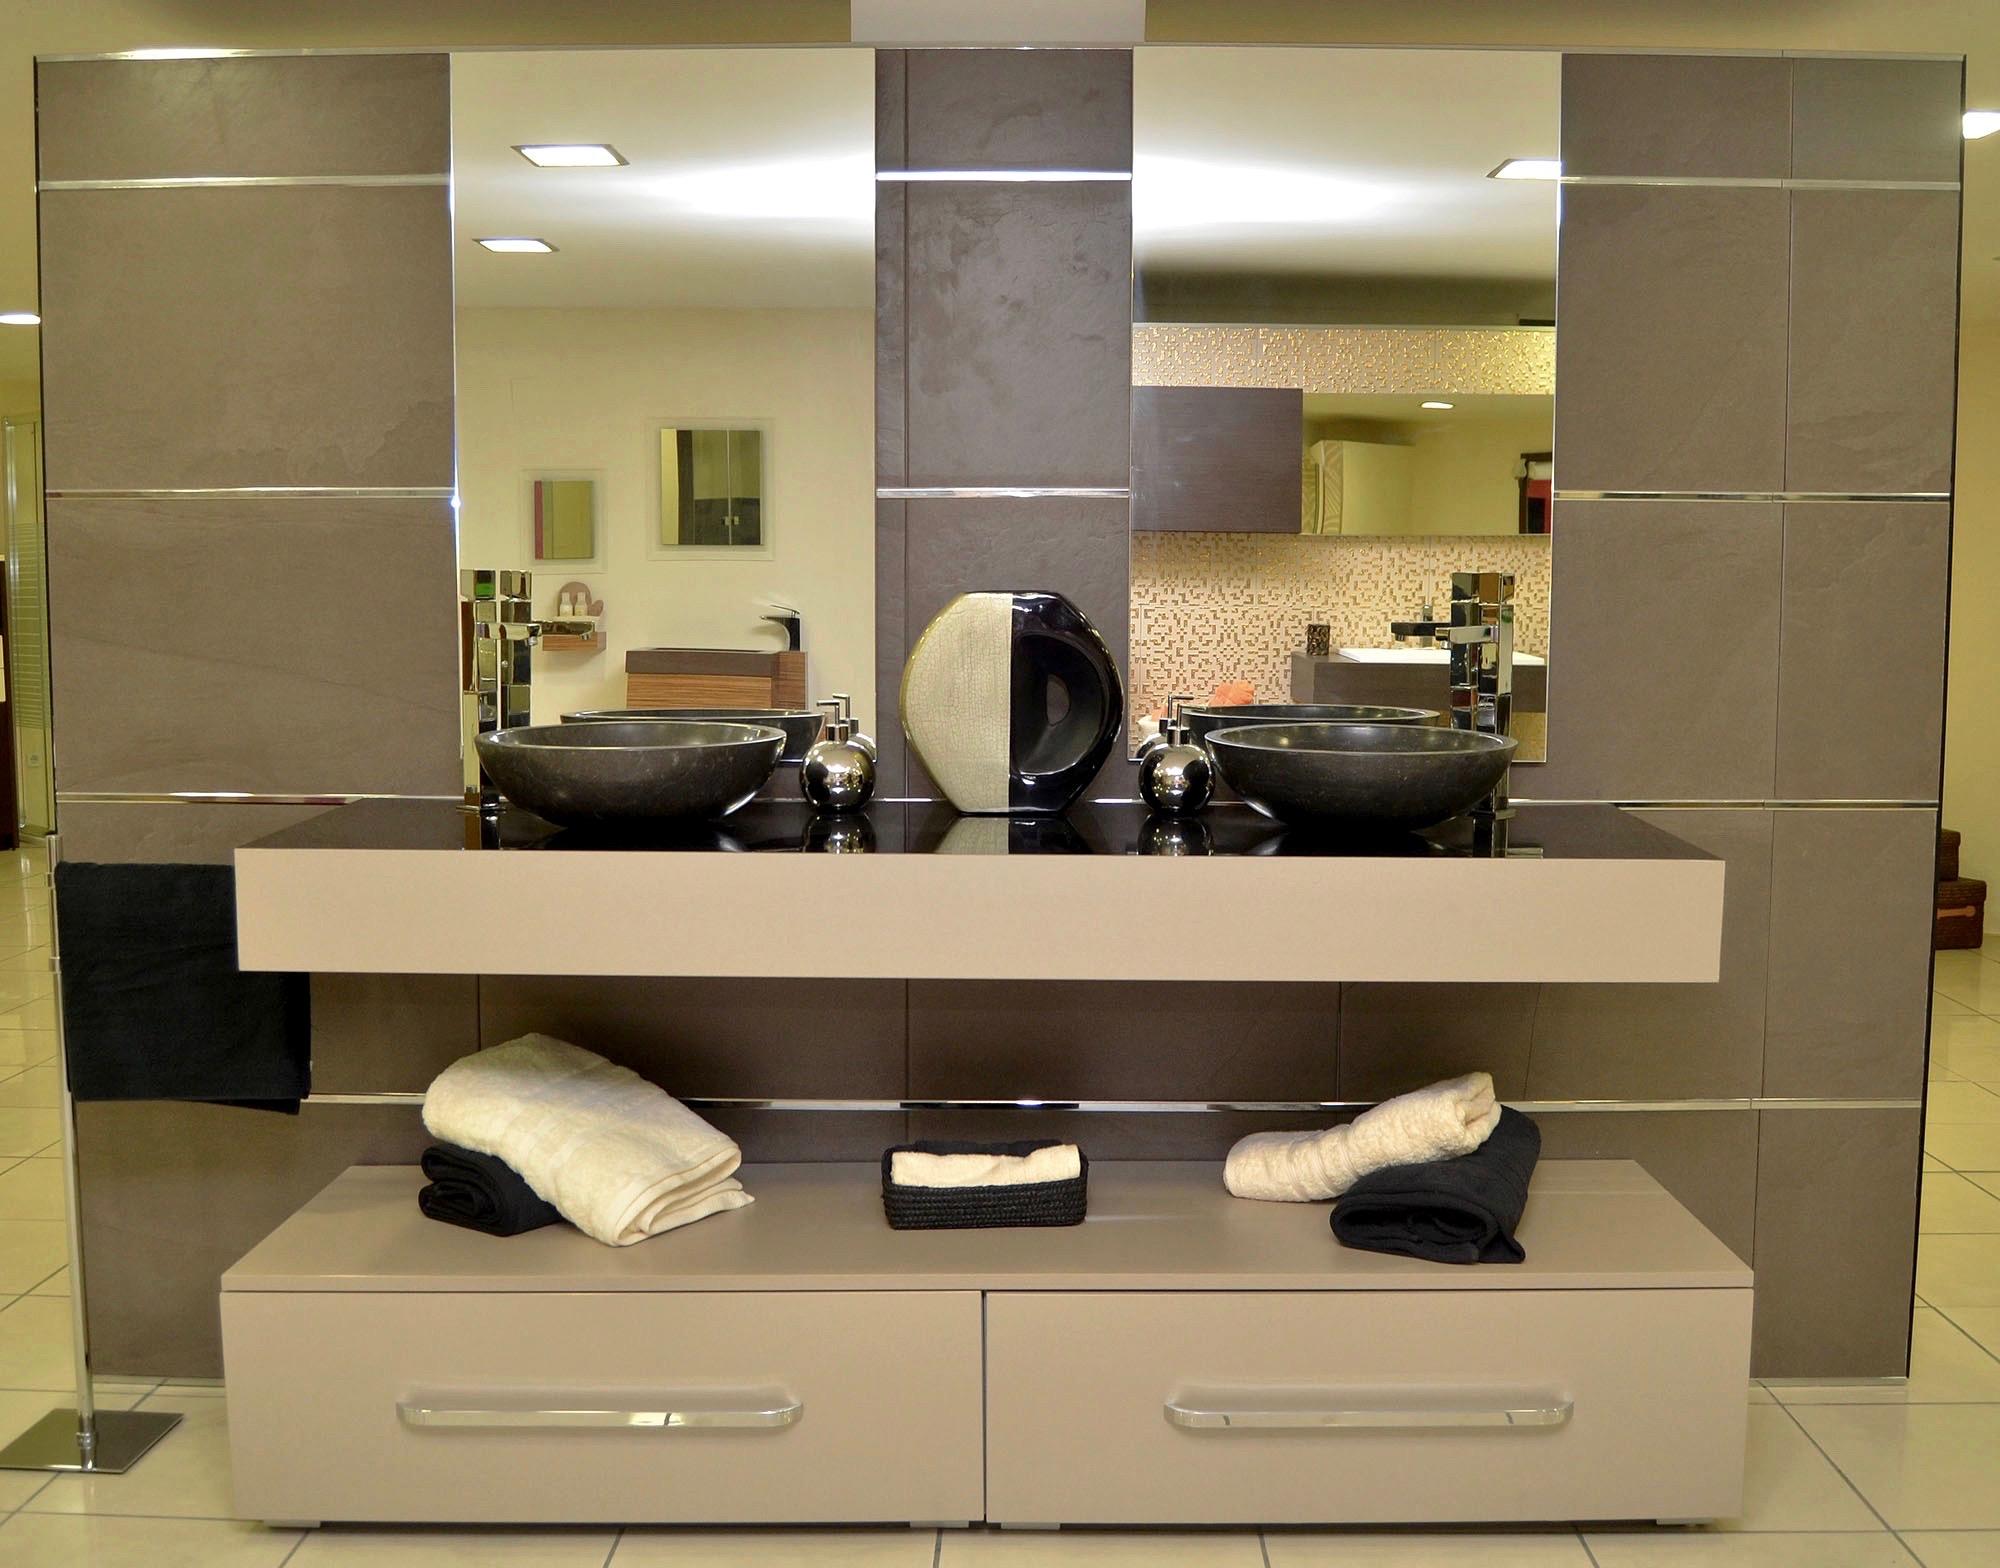 Nuestros baños-elegantes07 - Tienda de muebles de cocina y baño en Santander